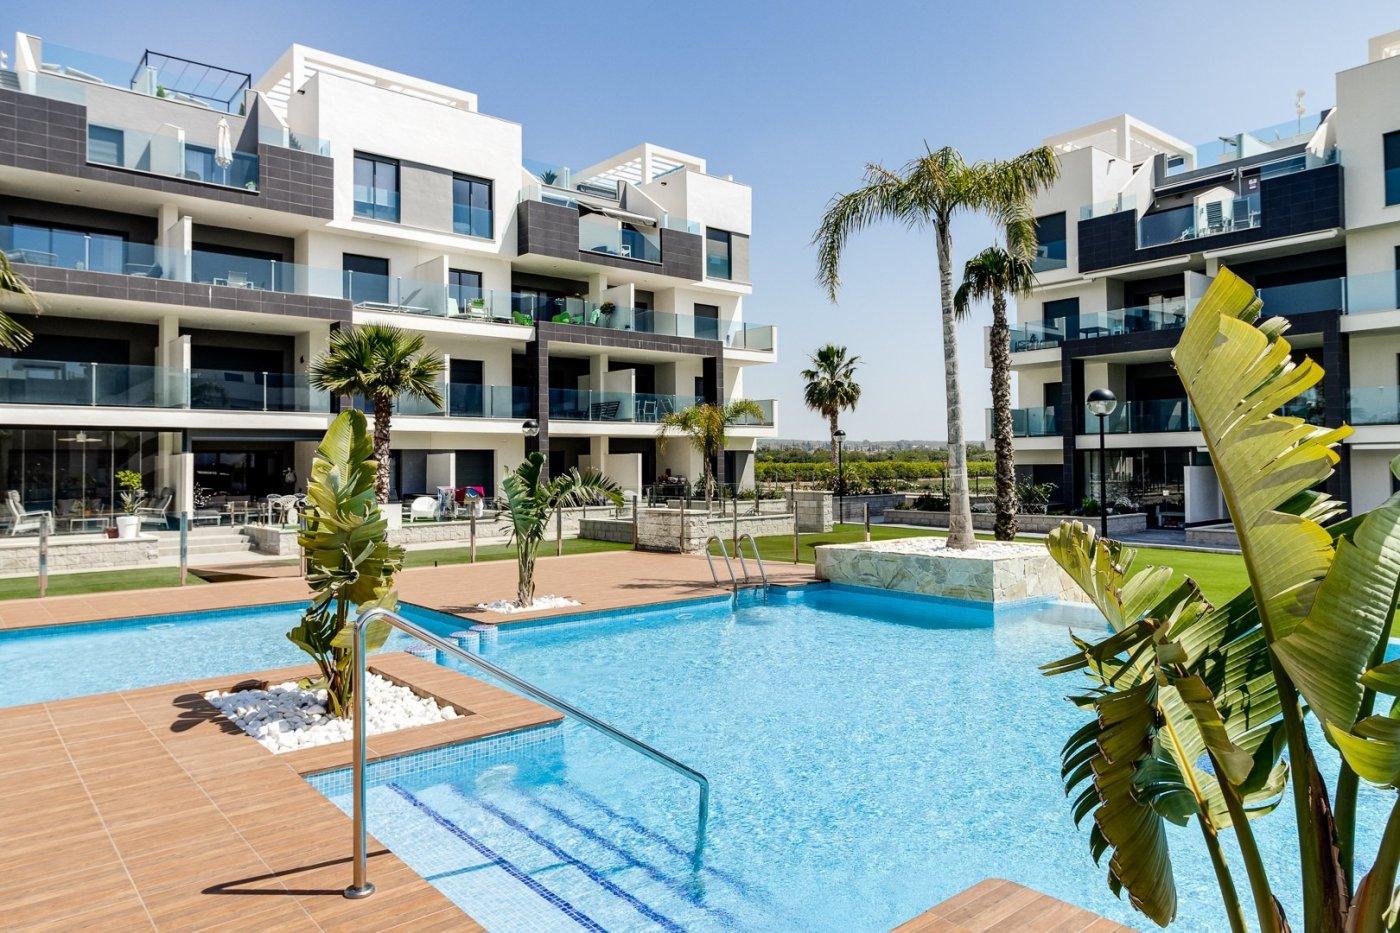 Nuevo complejo residencial en el raso (guardamar)!!! - imagenInmueble32